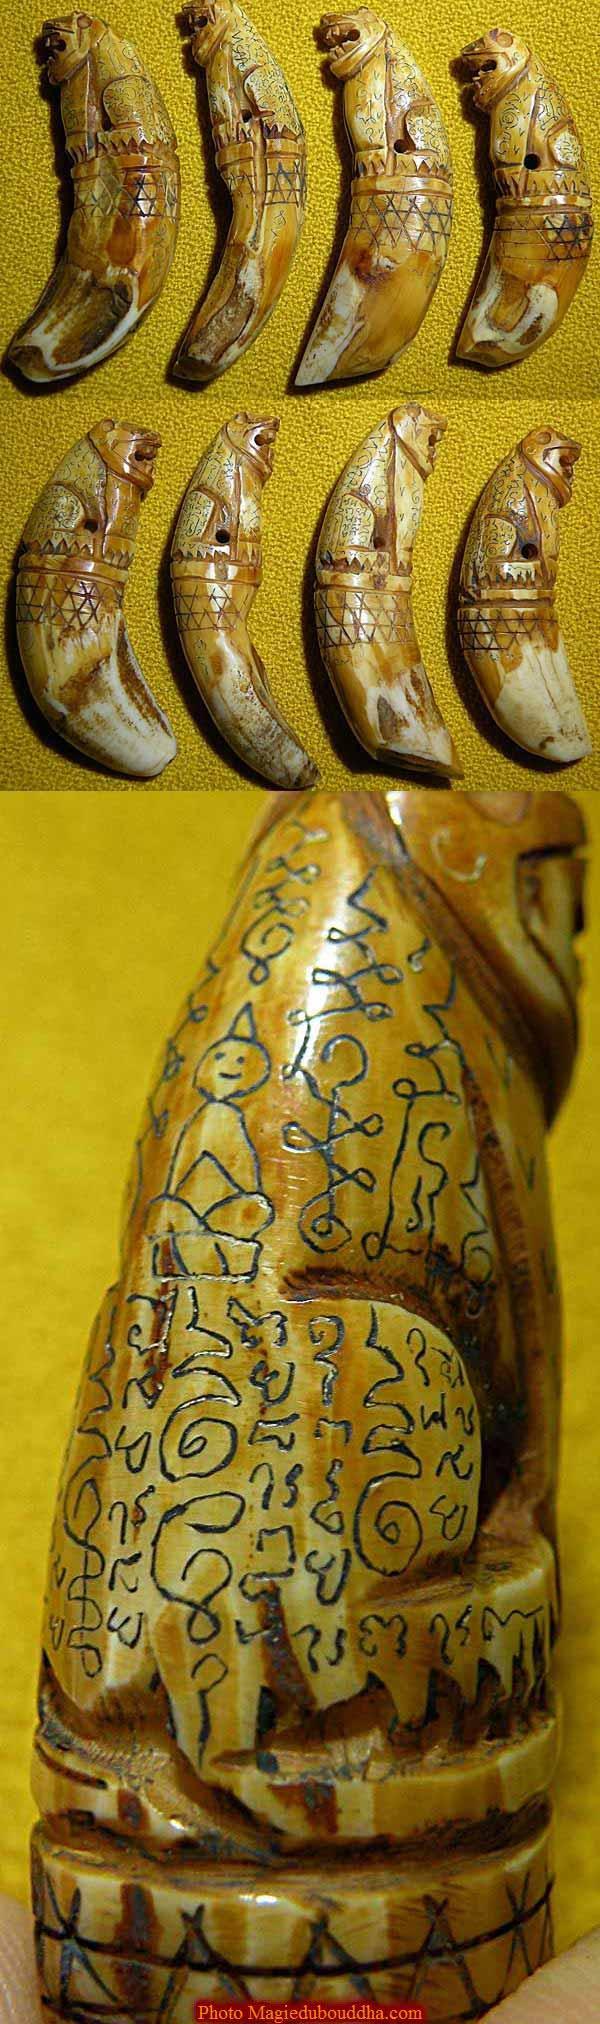 amulette tigre dent de singe